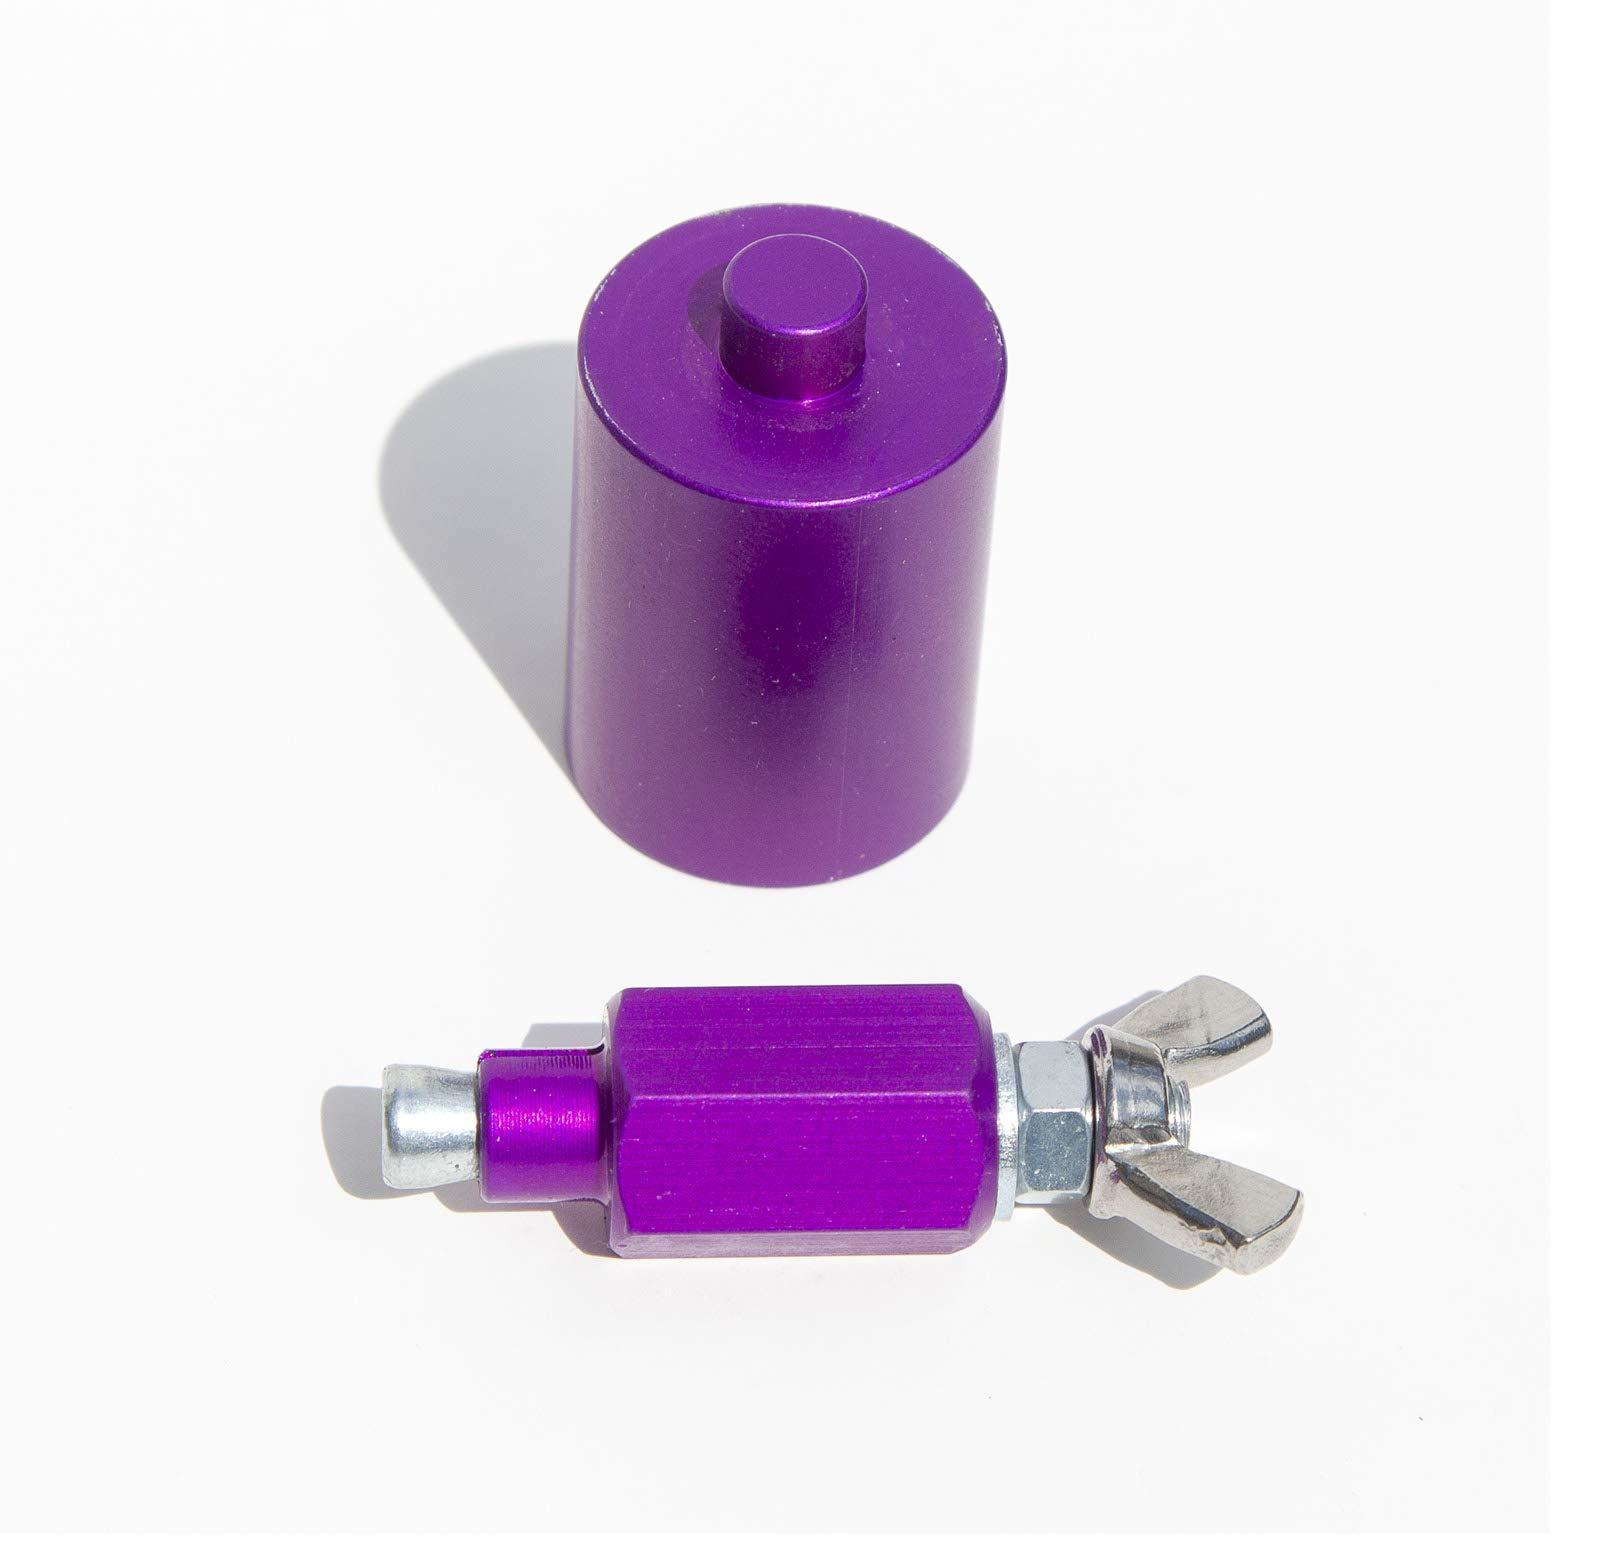 608 or 8mm Wheelchair Blind Bearing Puller/Installer Mini Tool Kit